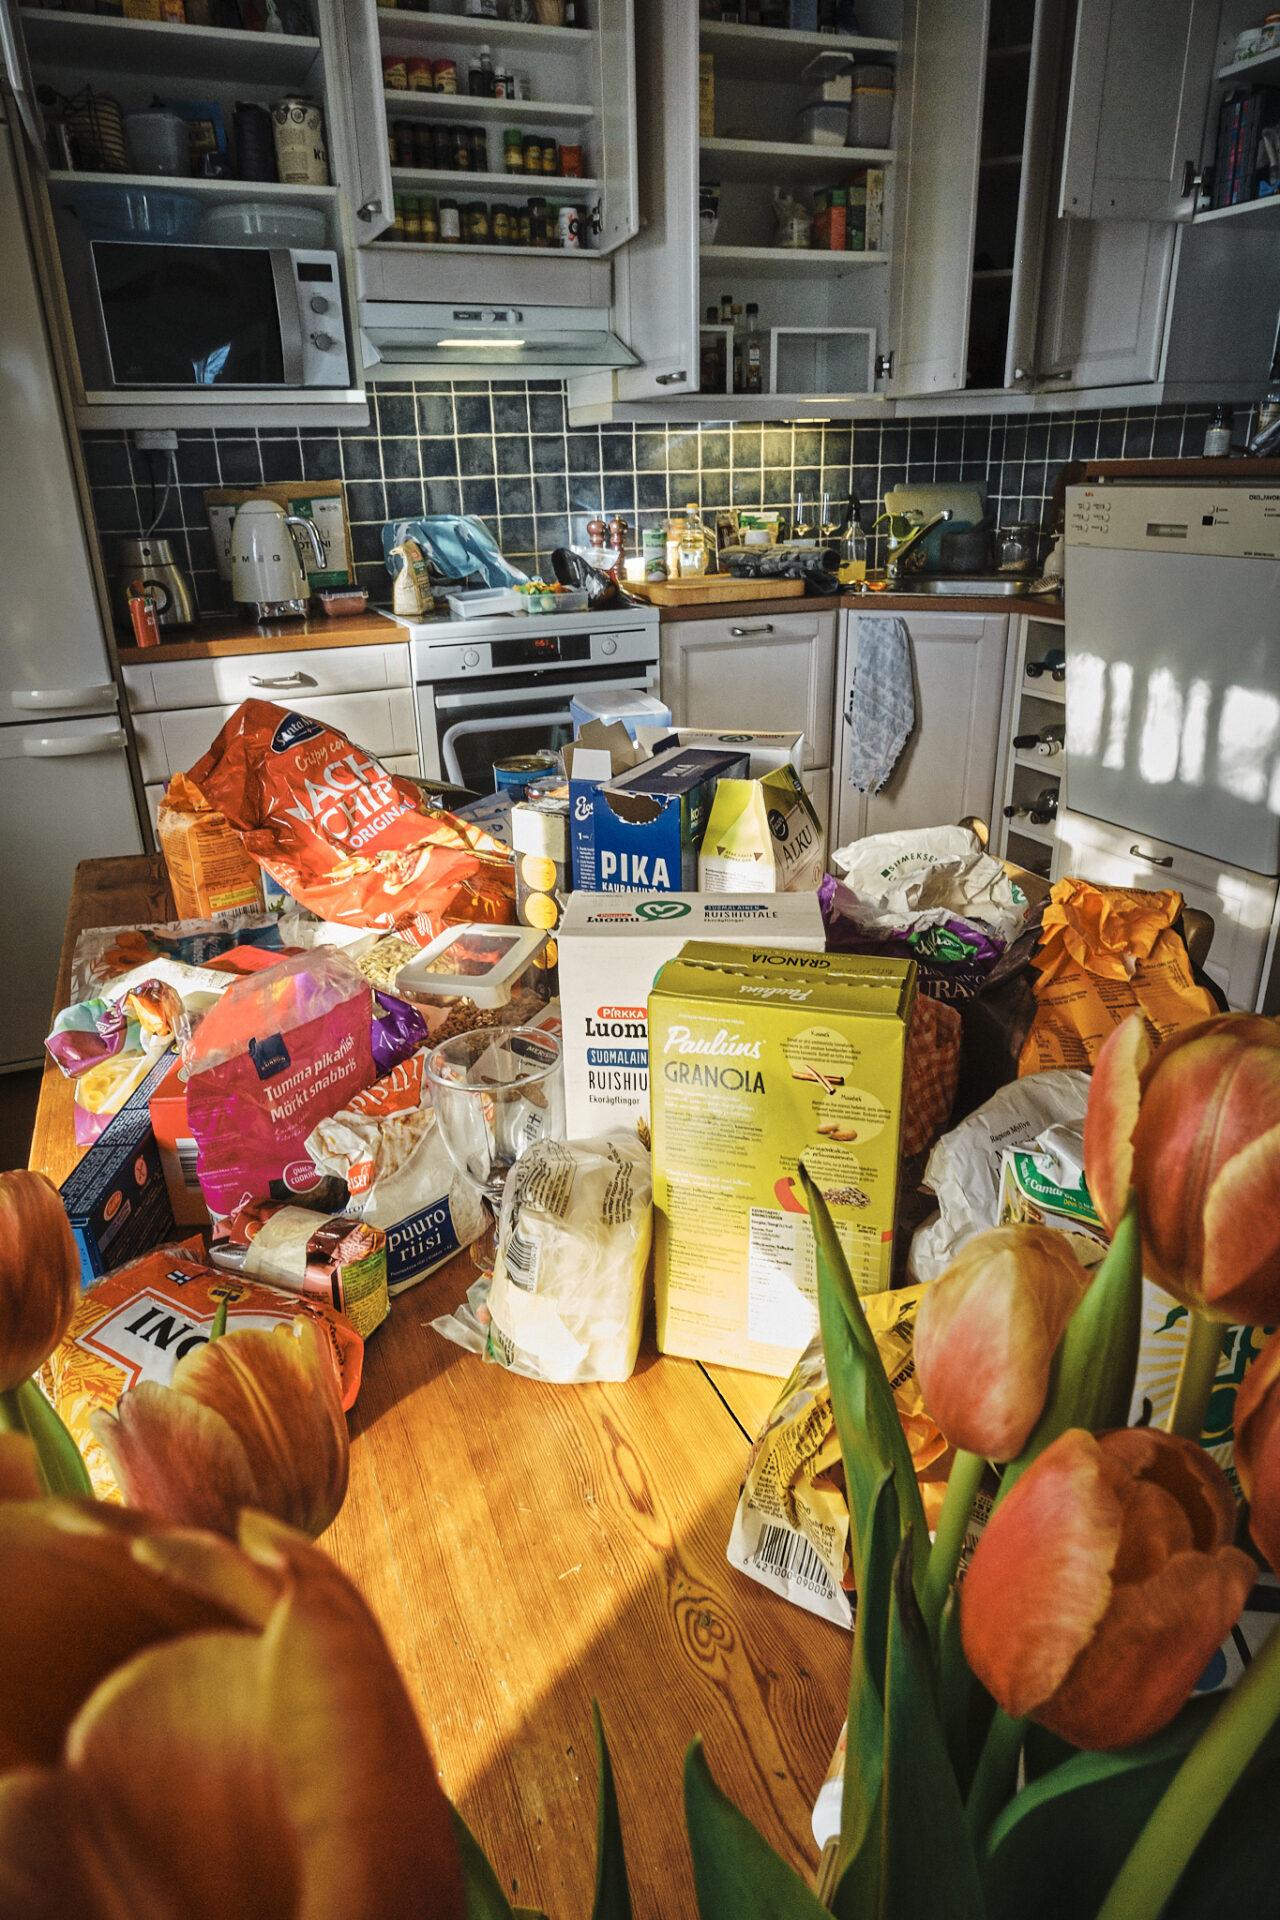 Keittiön kaapit auki ja ruokatarvikkeet pöydällä